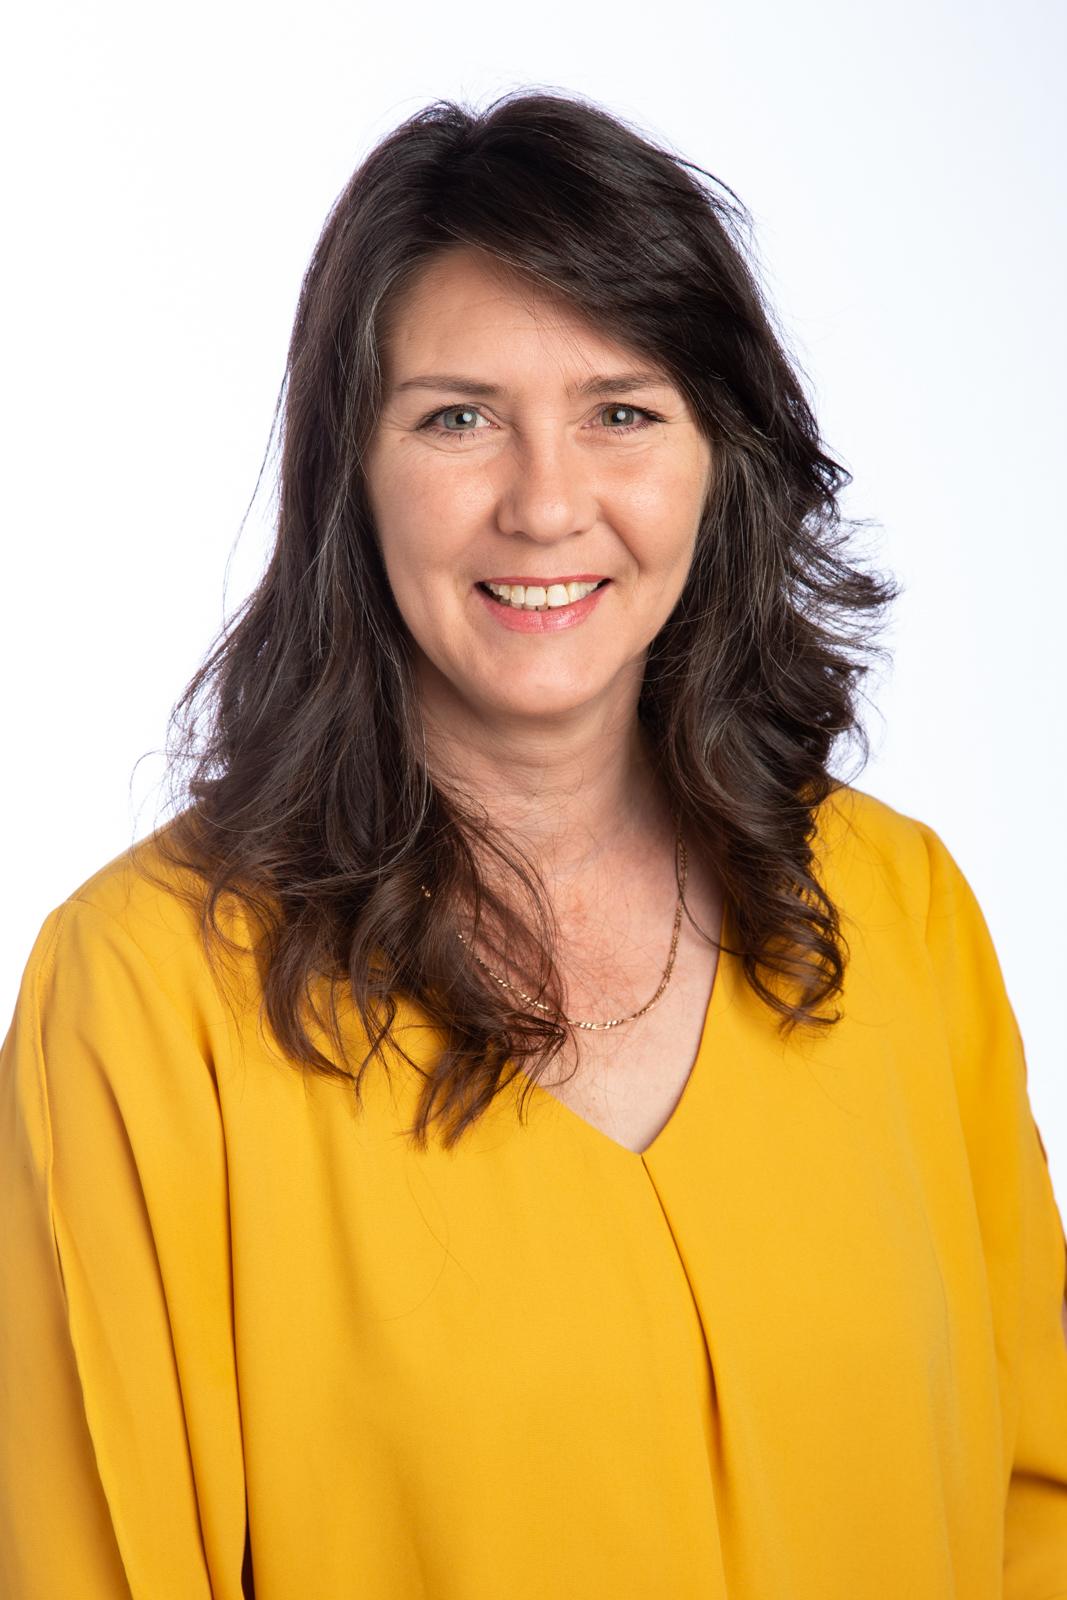 Sarah J. Simpson